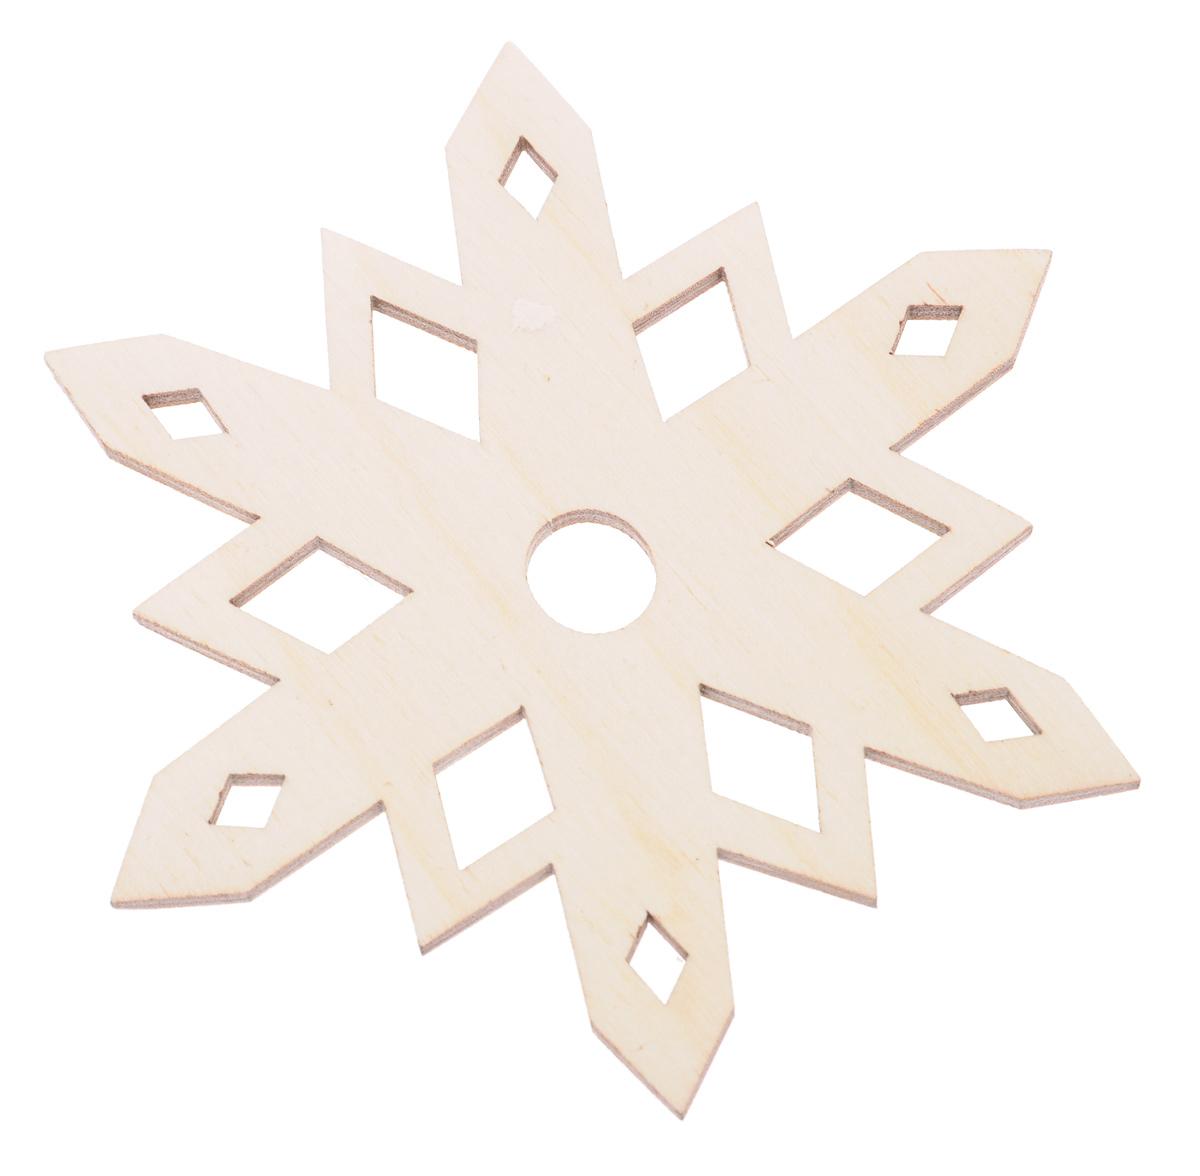 Деревянная заготовка Астра Снежинка, диаметр 10 см685975Заготовка Астра Снежинка изготовлена из дерева. Изделие, выполненное в виде снежинки, станет хорошим объектом для вашего творчества и занятий декупажем. После того как вы украсите изделие, подвяжите к нему текстильную петельку и у вас получится оригинальное подвесное украшение. Заготовка, раскрашенная красками, будет прекрасным украшением интерьера или отличным подарком. Текстильная петелька в комплект не входит.